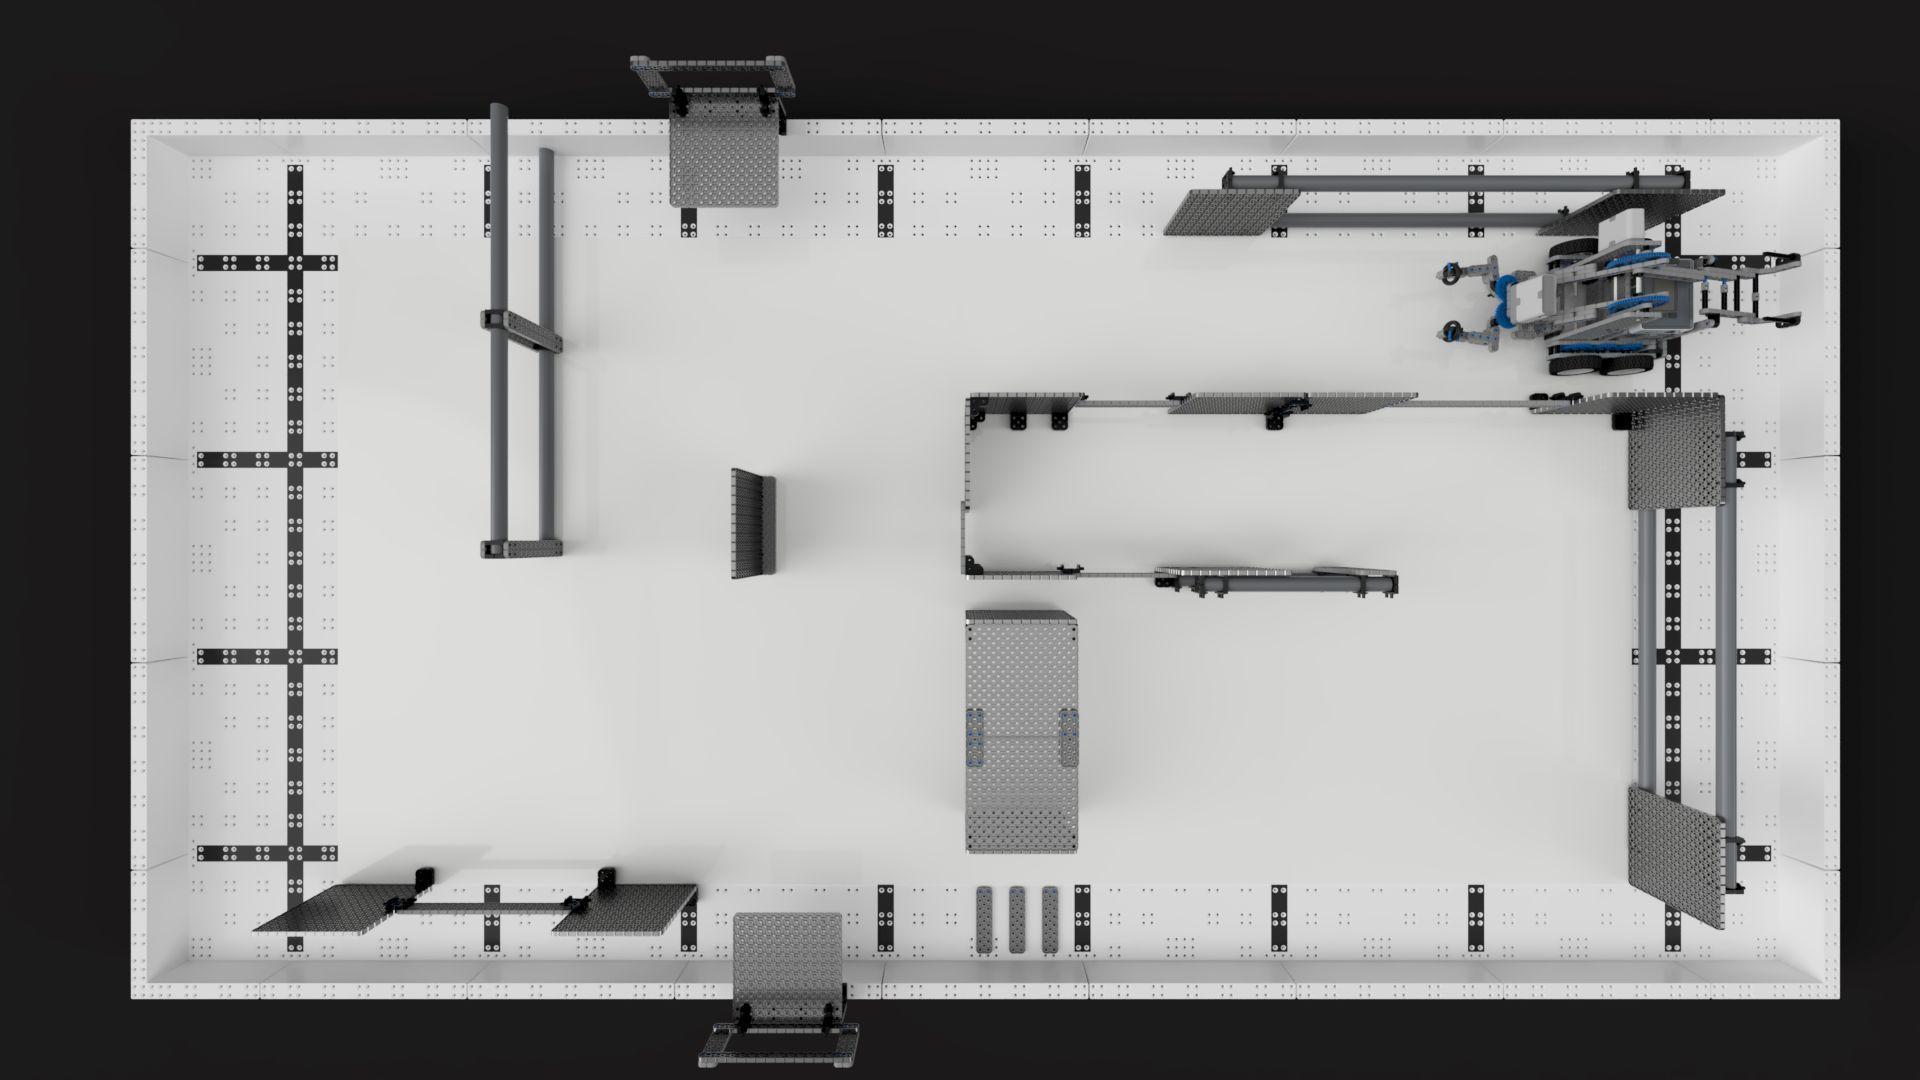 Arena-de-competicao-vex-robotics-e-fabrica-de-nerdes-2018-sep-26-06-37-53pm-000-customizedview36142681953-3500-3500